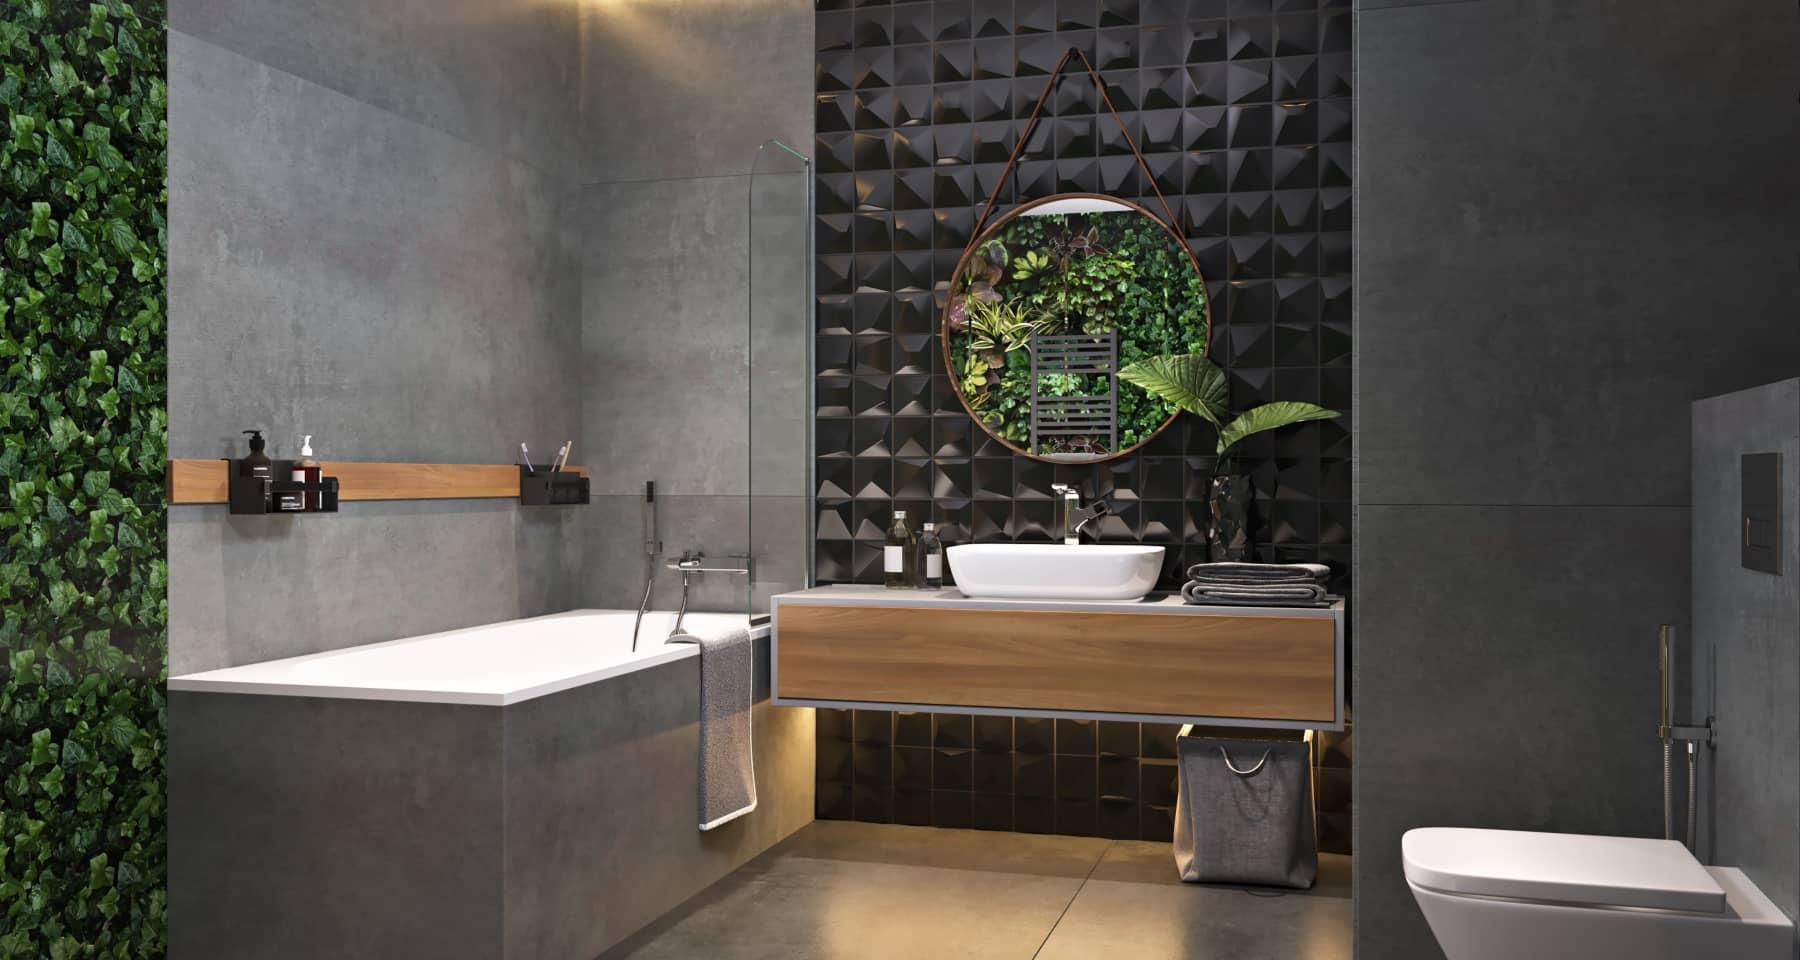 Идея дизайна ванной комнаты с фитостеной